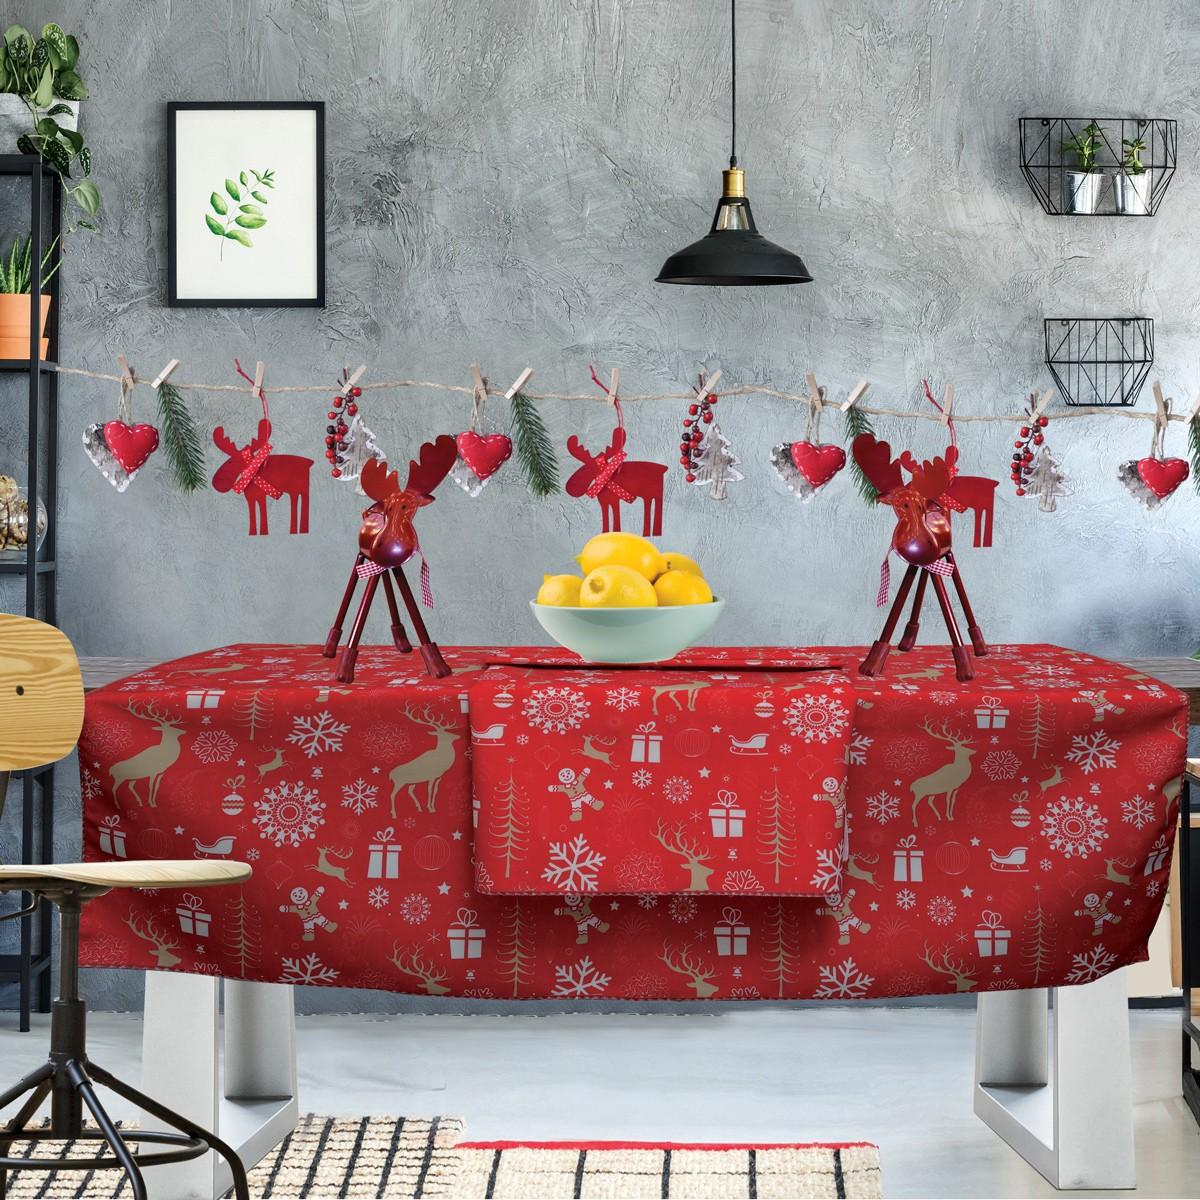 Χριστουγεννιάτικο Τραπεζομάντηλο (140×180) Das Home Kitchen 549